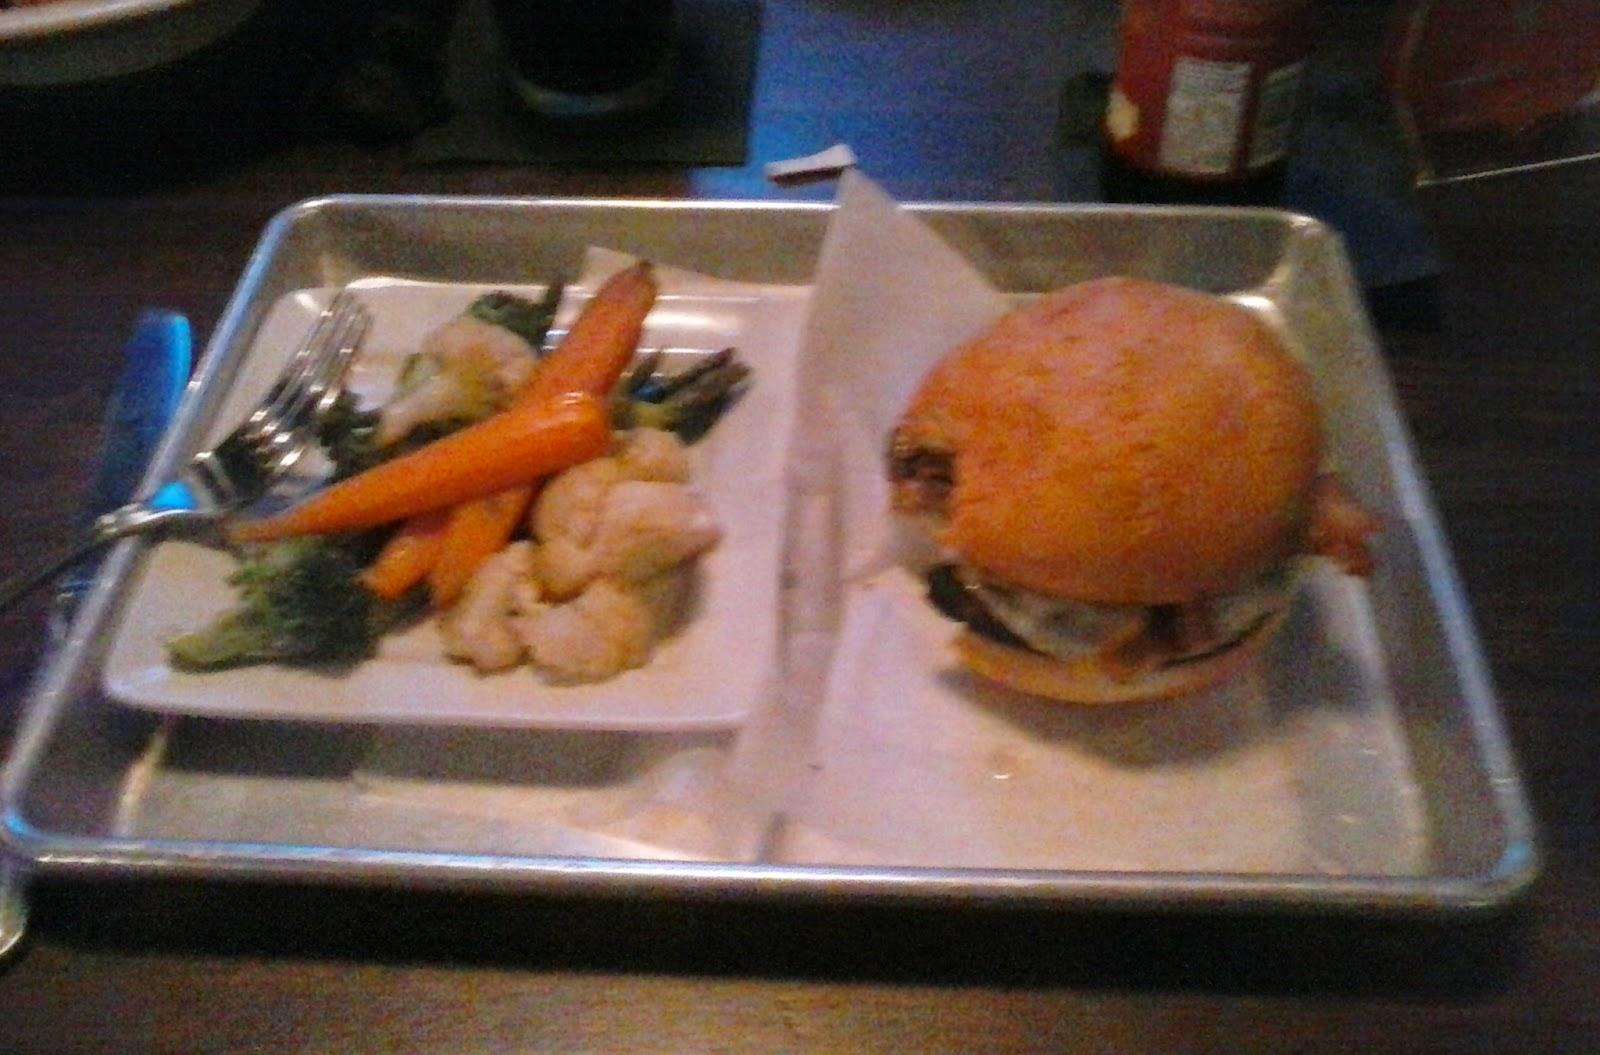 The Gluten Free Glutton Gluten Free Burgers At The Blind Rabbit